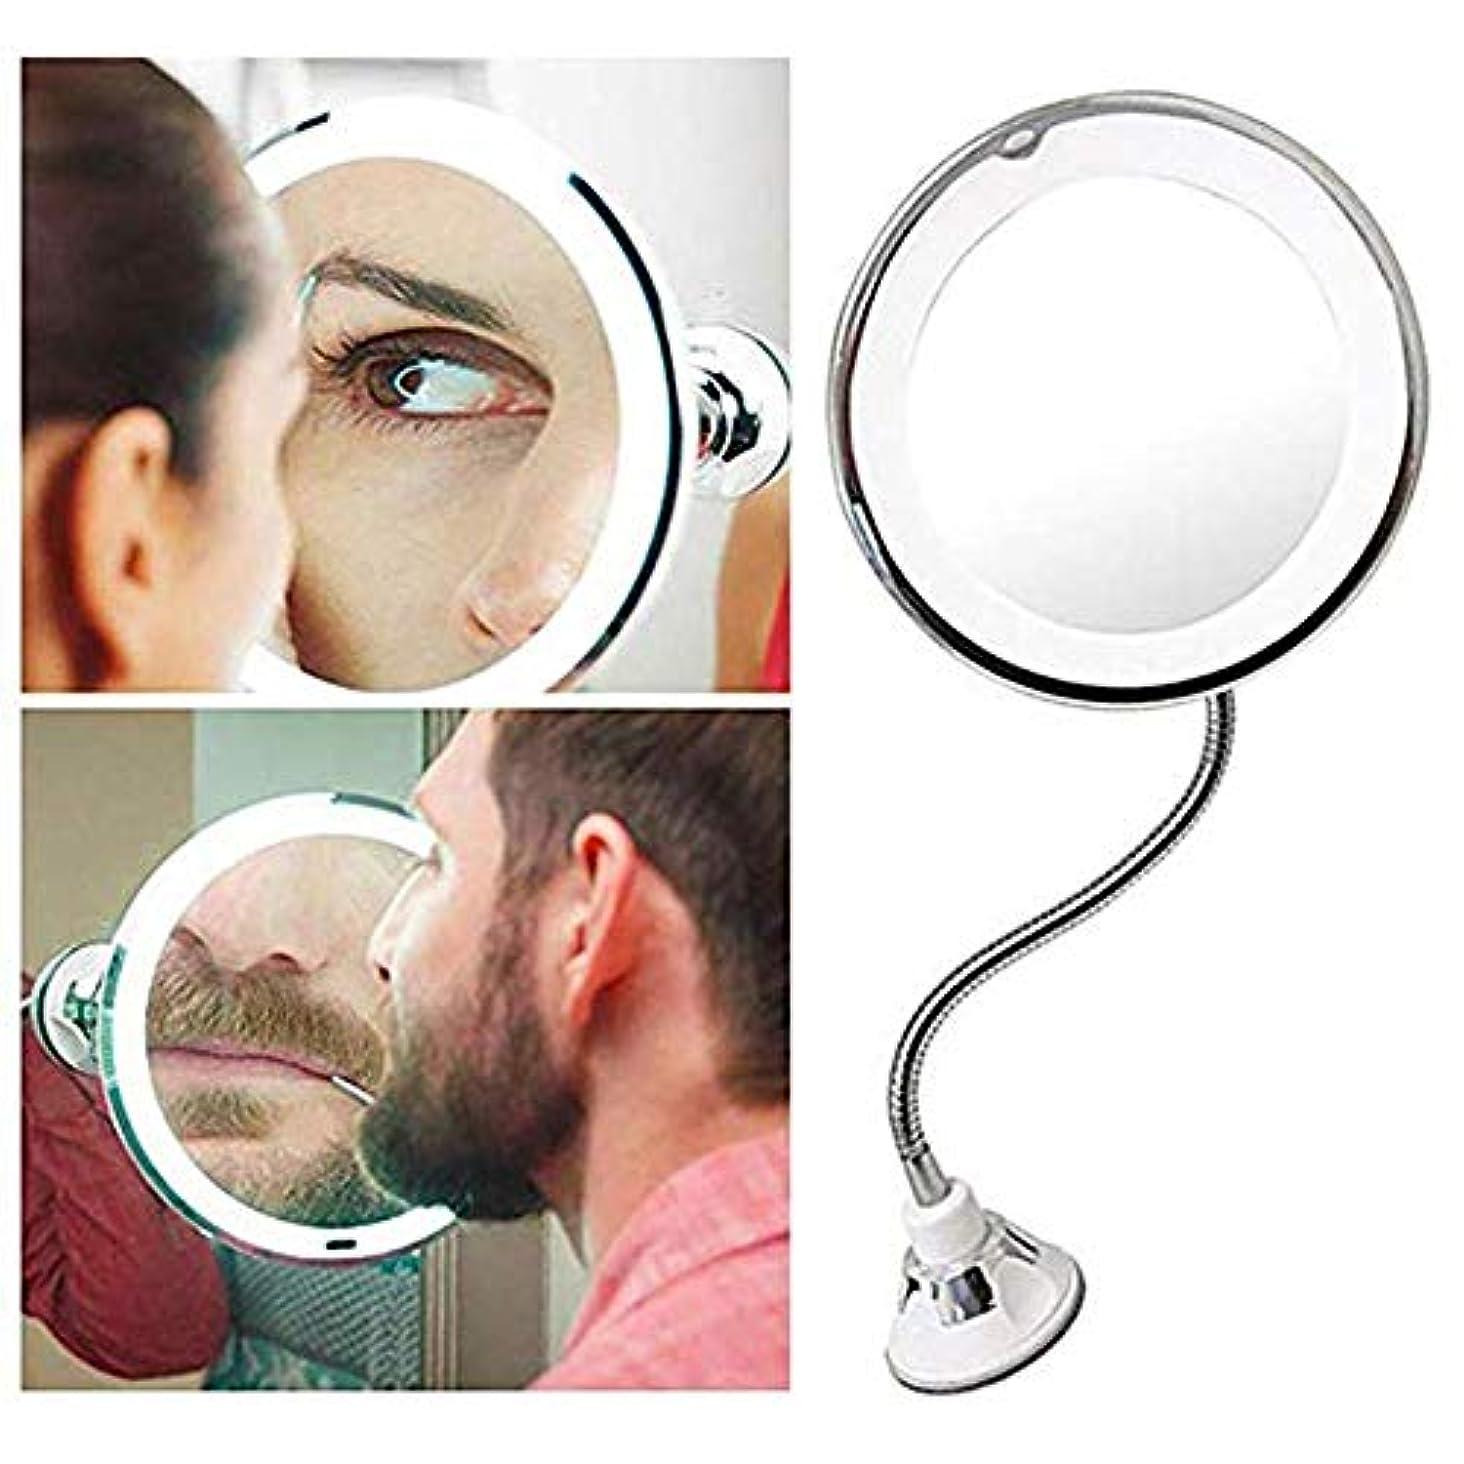 乞食欠陥検体7倍 LED化粧鏡 風呂鏡 吸盤ロック付き 浴室鏡 化粧ミラー 360度回転 メイクミラー LUERME 吸盤ロック付き 化粧ミラー シャワーミラー 鏡面直径17CM